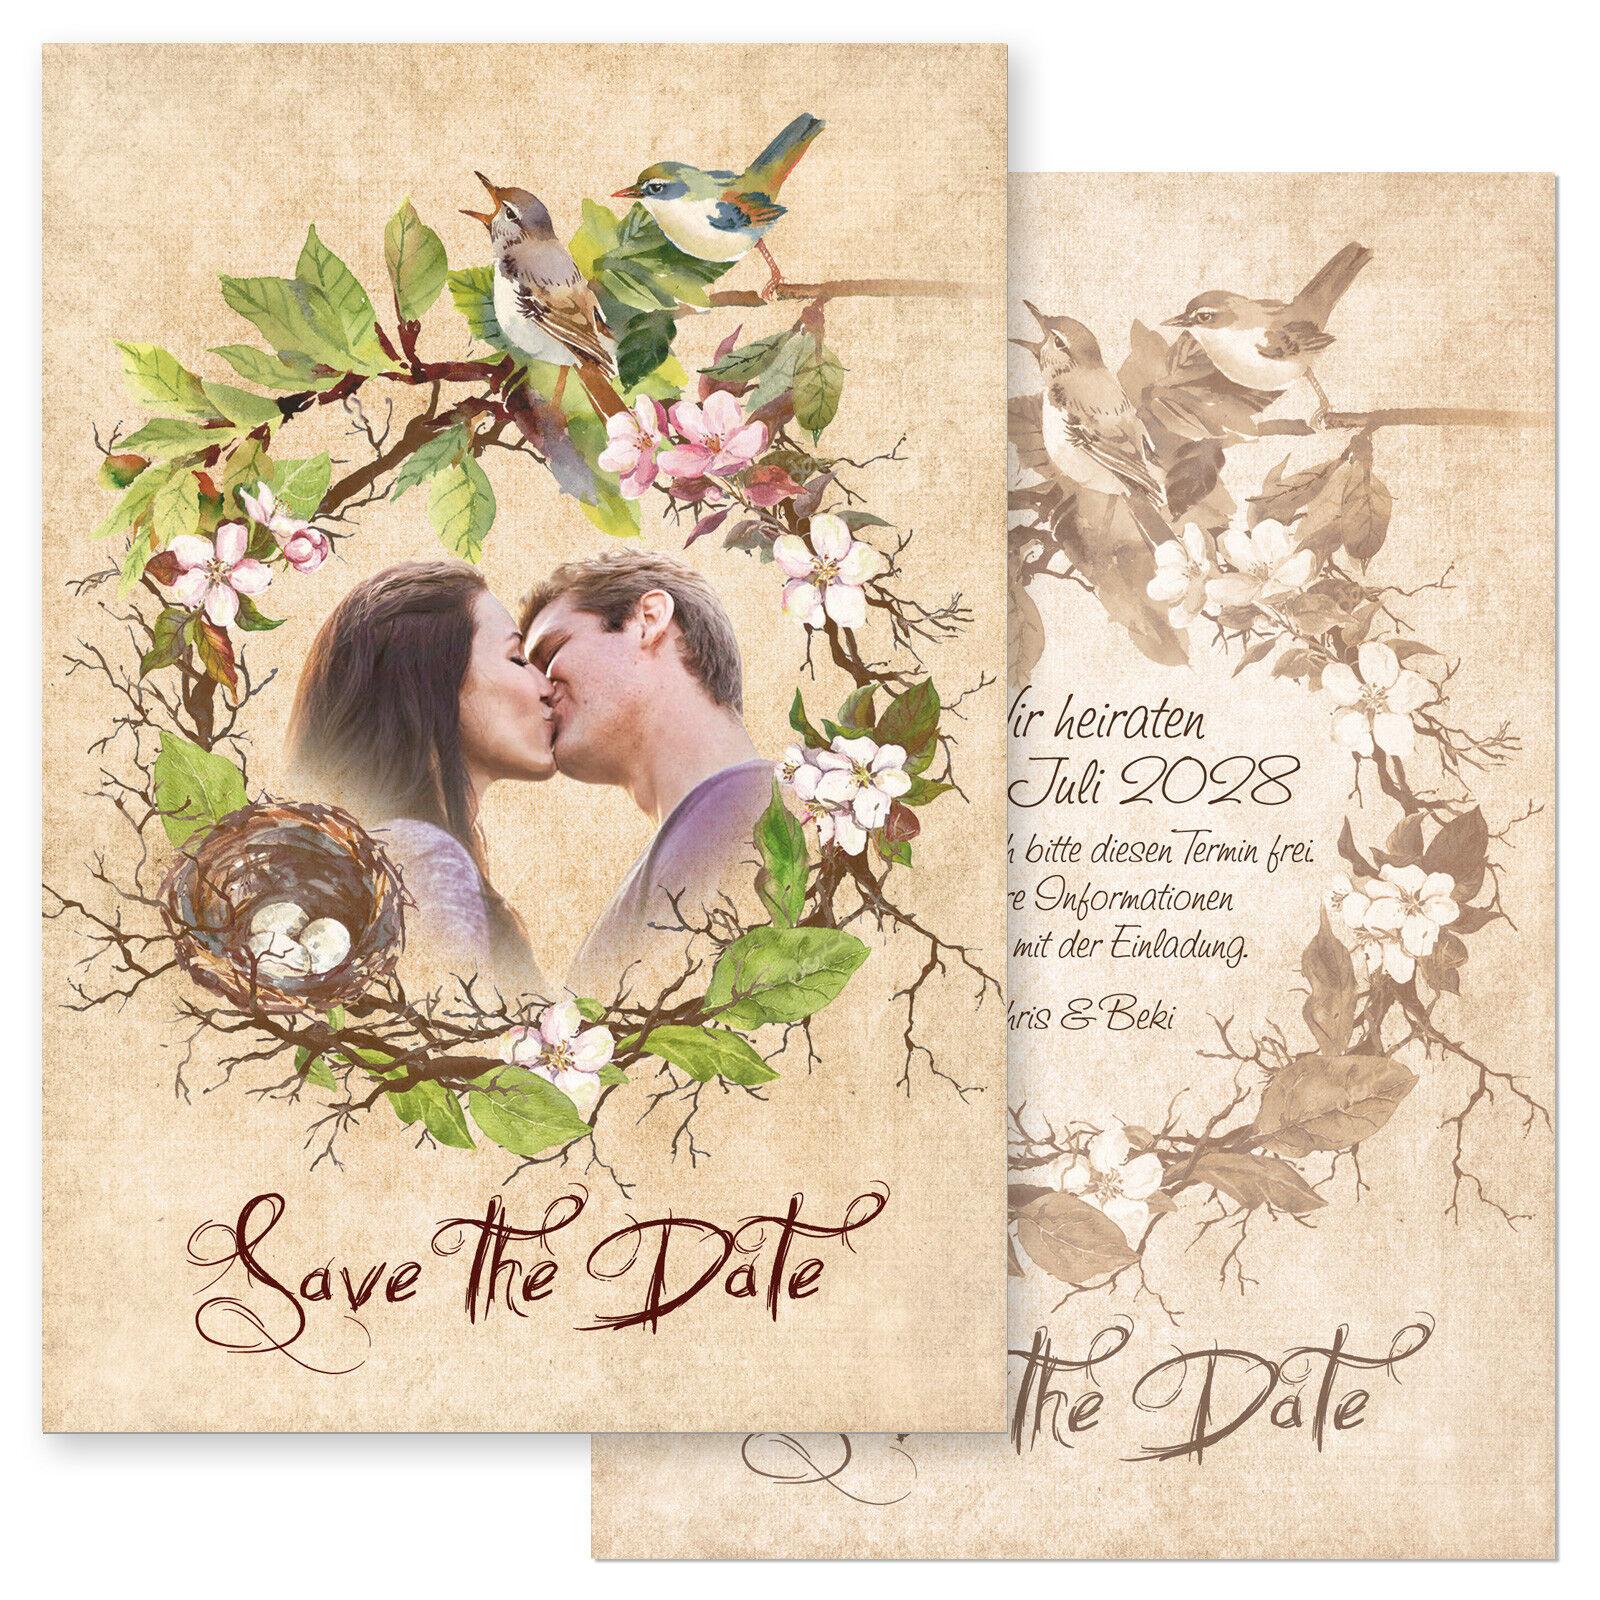 Pers. Pers. Pers. Einladungskarten, Dankekarten, StD Hochzeit – Vogelhochzeit, Aquarell 1 | Sale  | Clearance Sale  3ae612